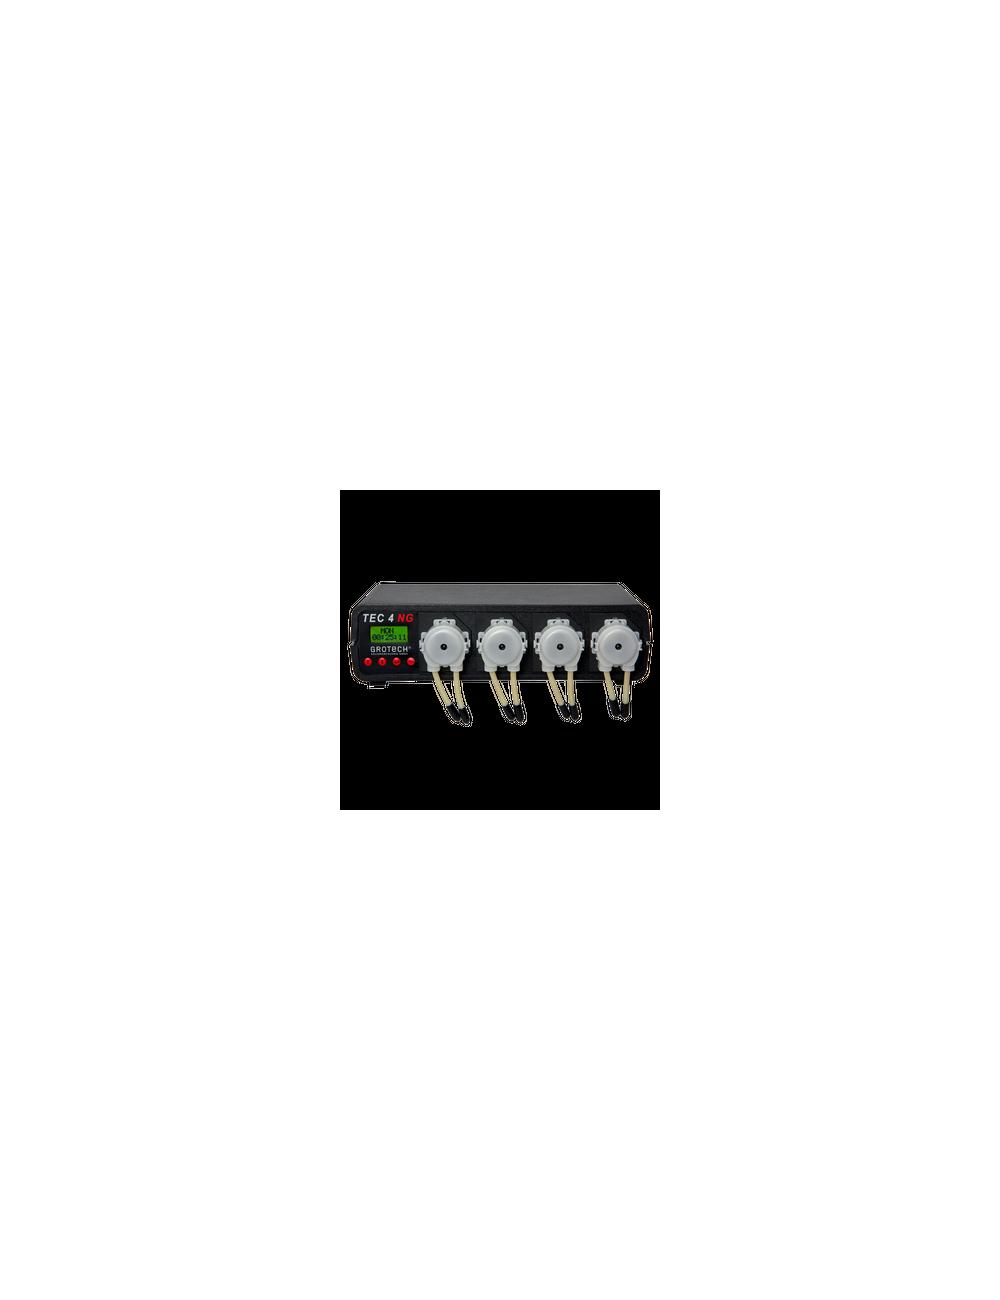 GROTECH - TEC 4 NG - Pompe de dosage - 4 canaux contrôlée par microprocesseur